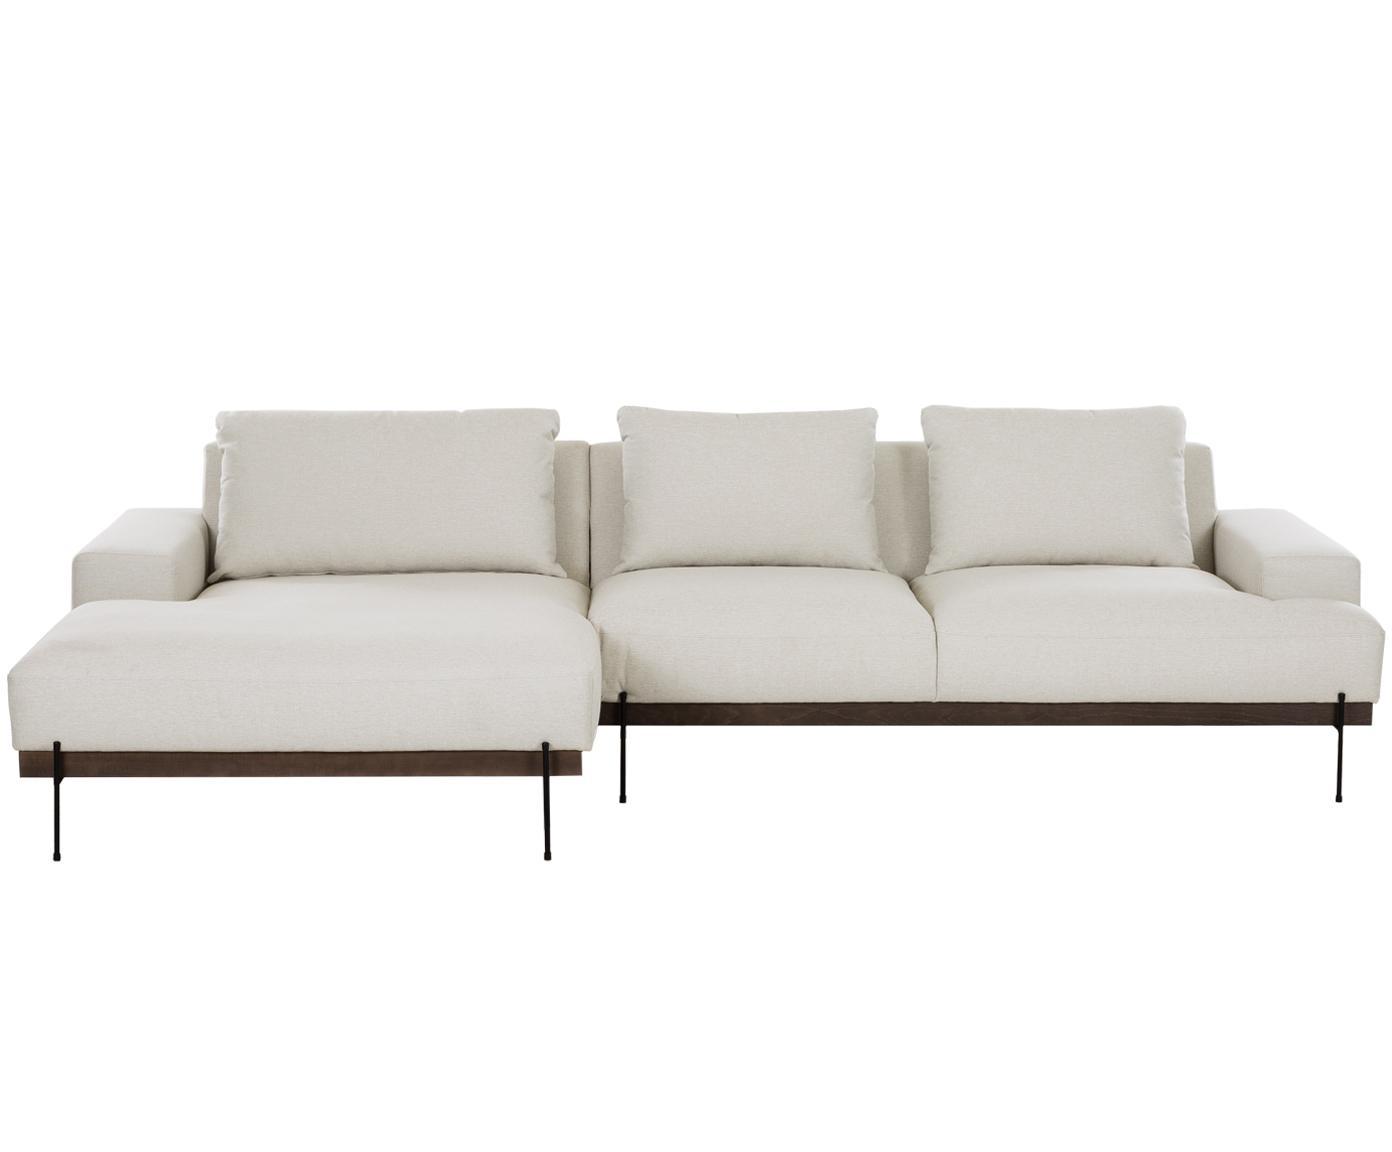 Sofa narożna Brooks, Tapicerka: poliester 35000 cykli w , Stelaż: lite drewno sosnowe, Nogi: metal malowany proszkowo, Beżowy, S 315 x G 148 cm